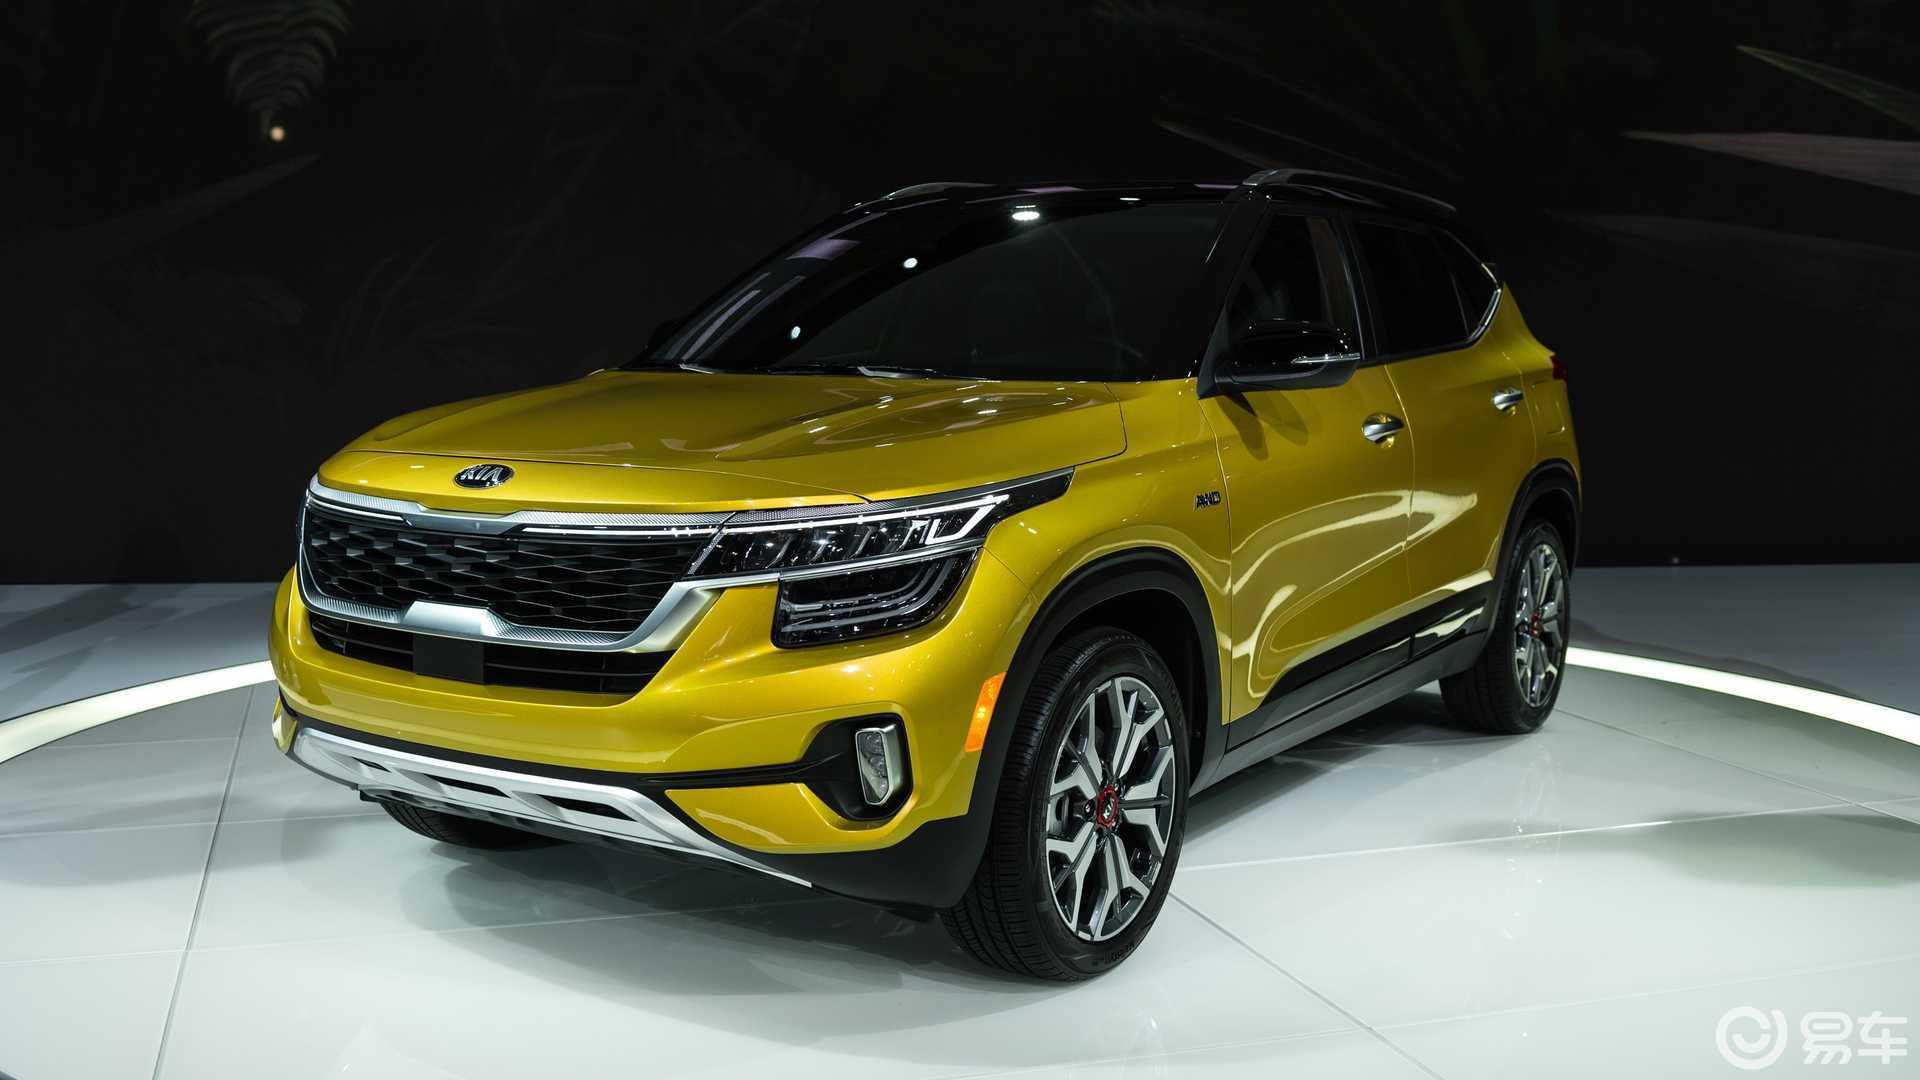 刚登上美国超级碗就迎来优惠 起亚这款全球SUV到底怎么样